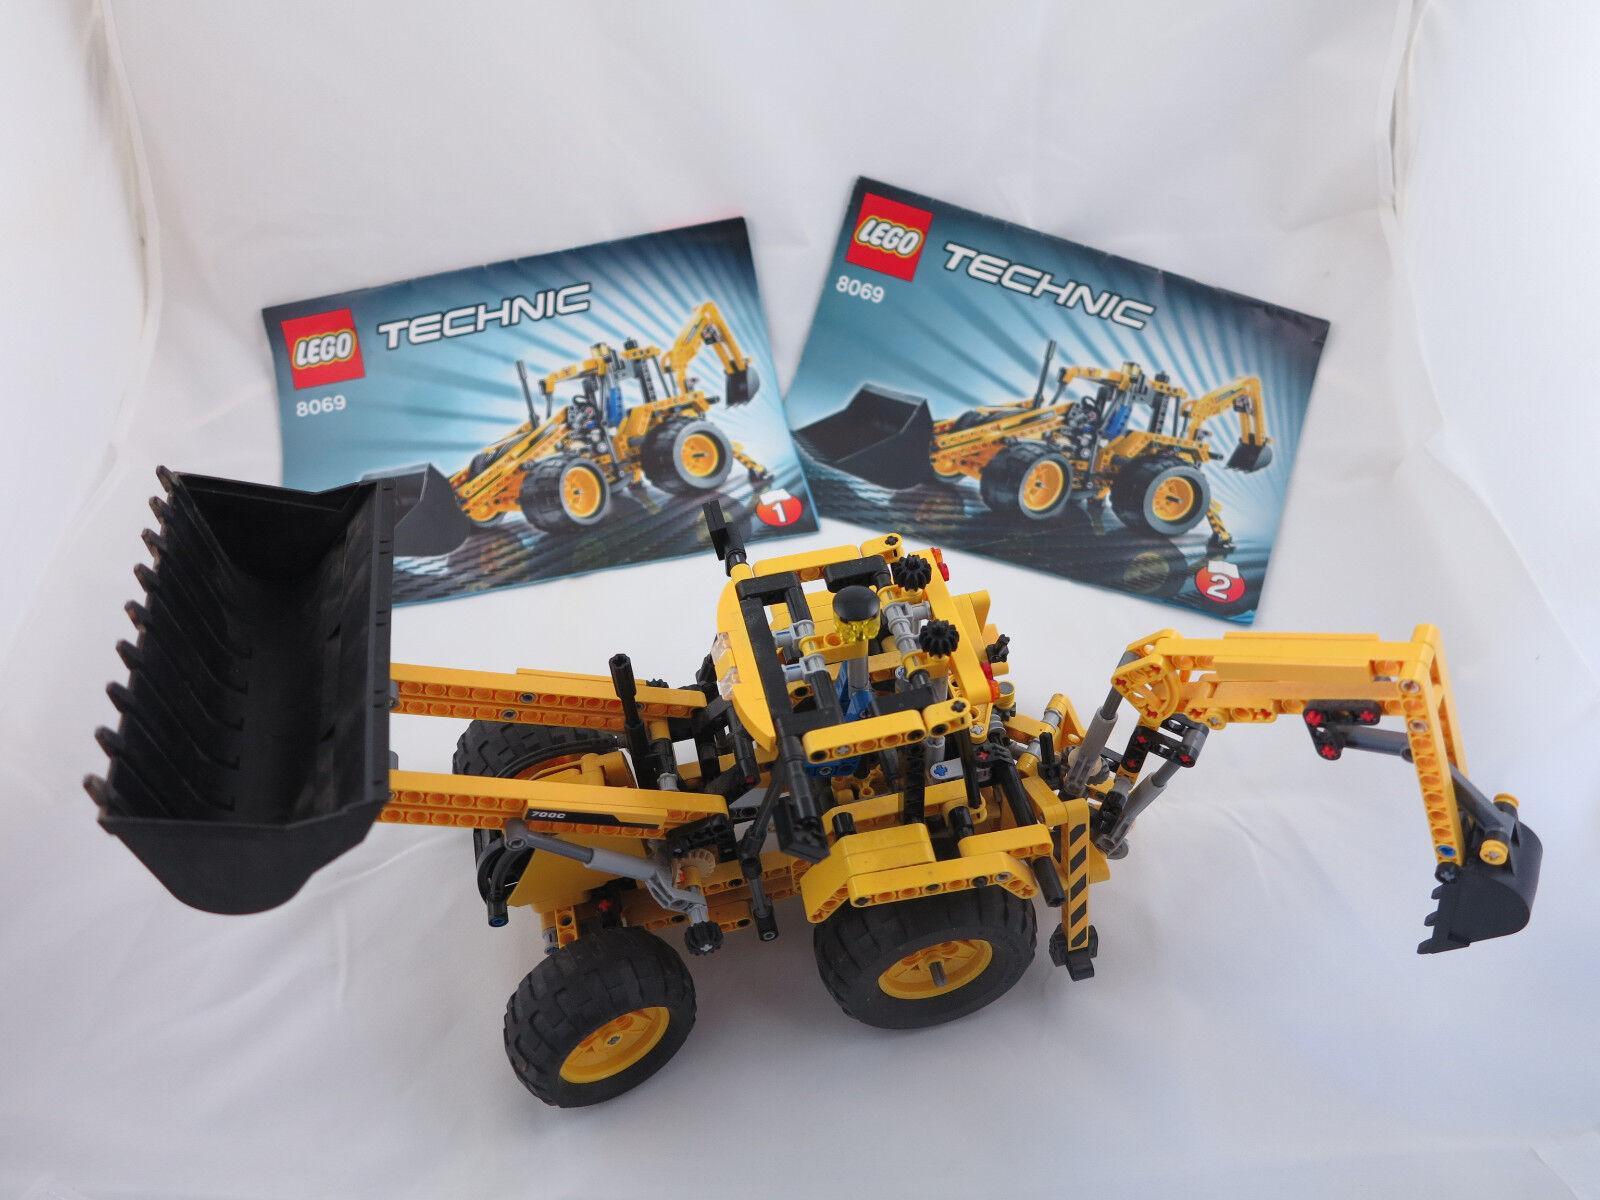 LEGO 8069 tecnica  escavatori  terne Escavatore  + ORIGINALE recipe   campo ( 77)  contatore genuino